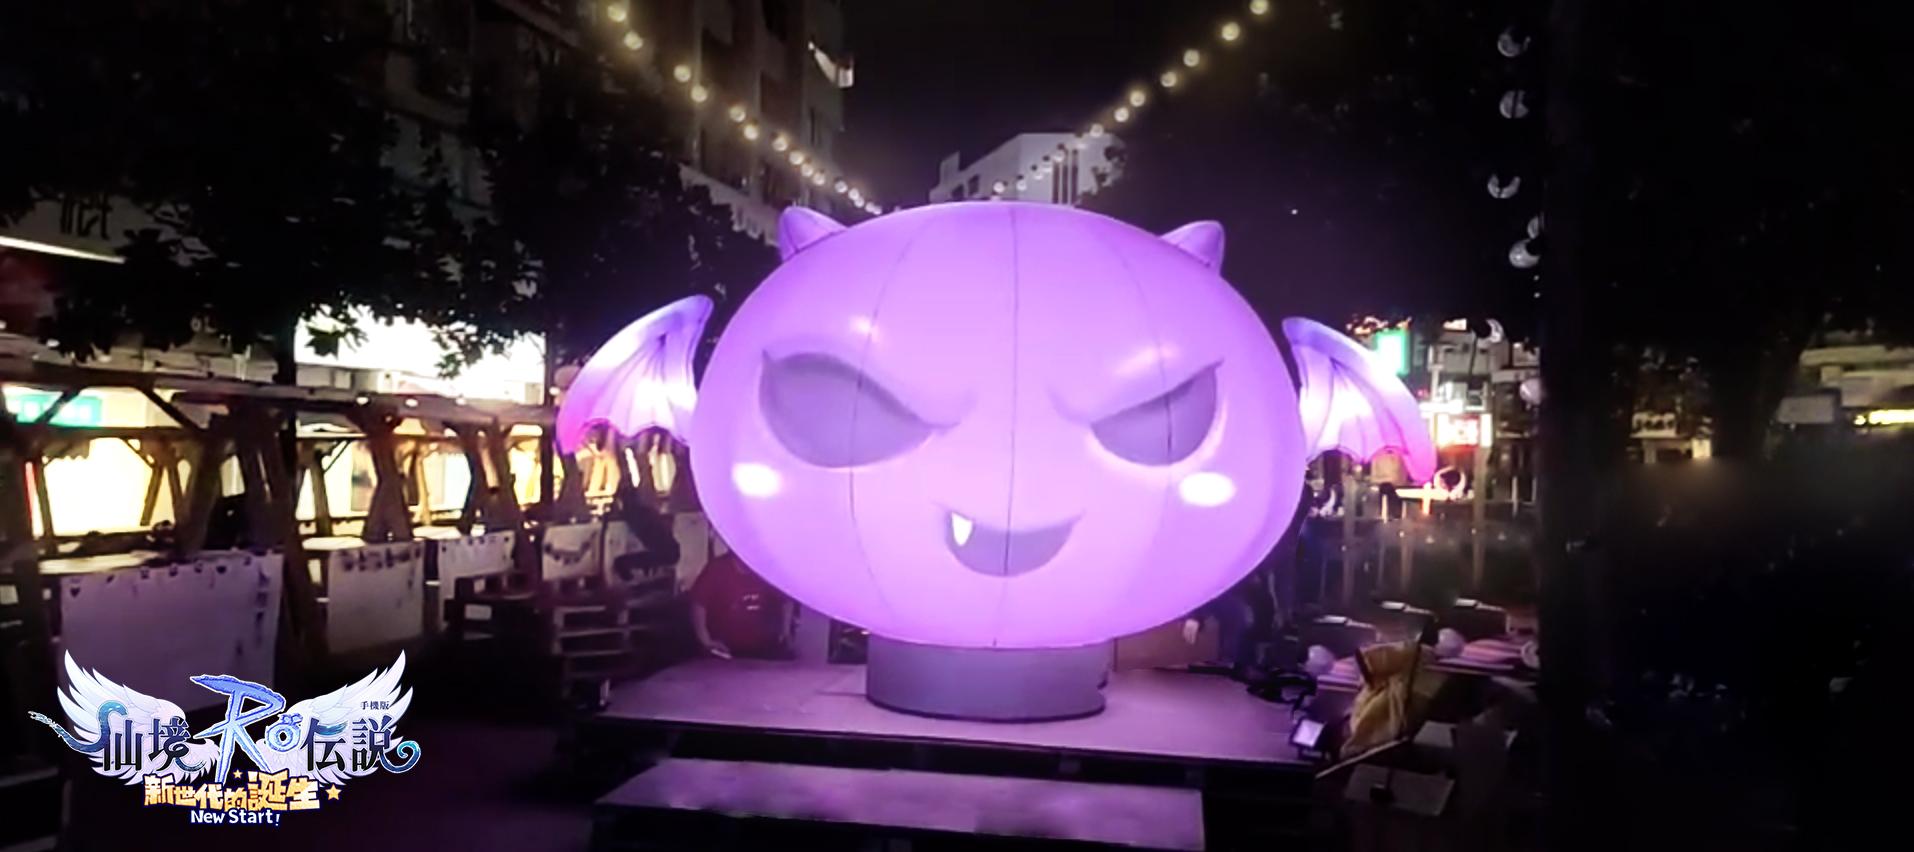 活動現場RO主題揭秘,恶魔波利气球驚喜登場